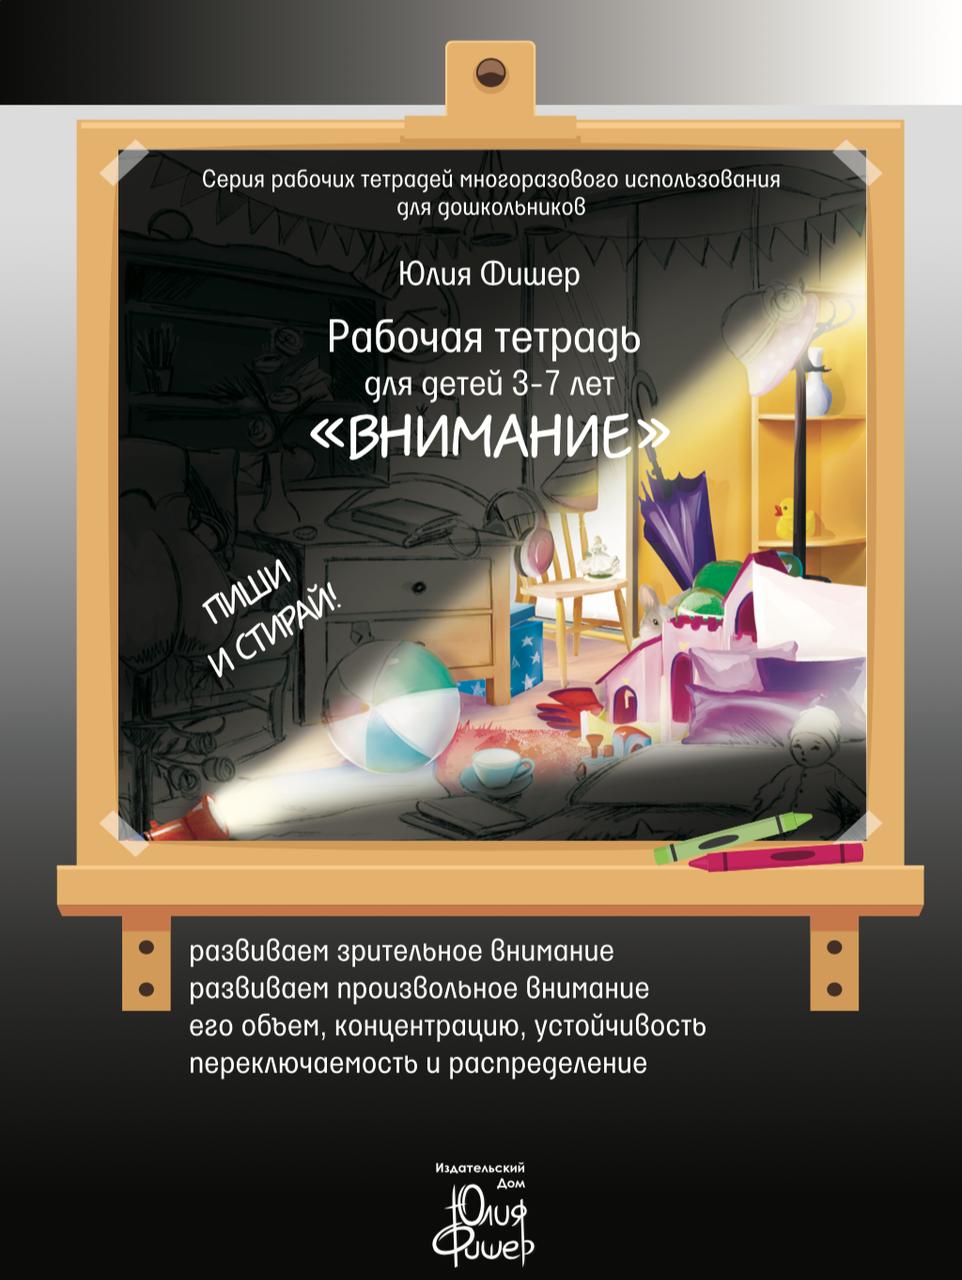 """Рабочая тетрадь Юлии Фишер """"Внимание"""" для детей 3-7 лет"""